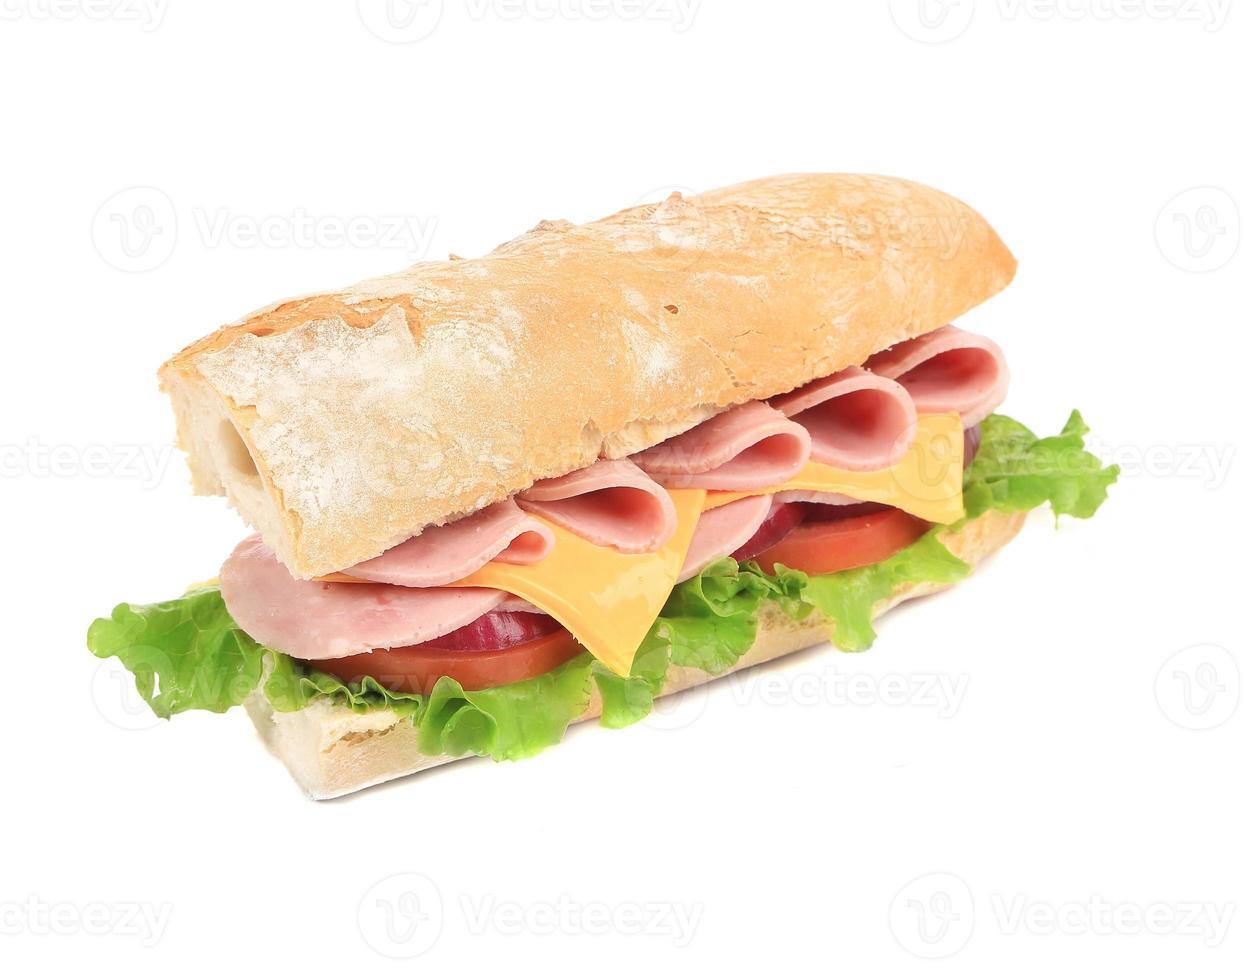 sanduíche de baguete recém cortada. foto